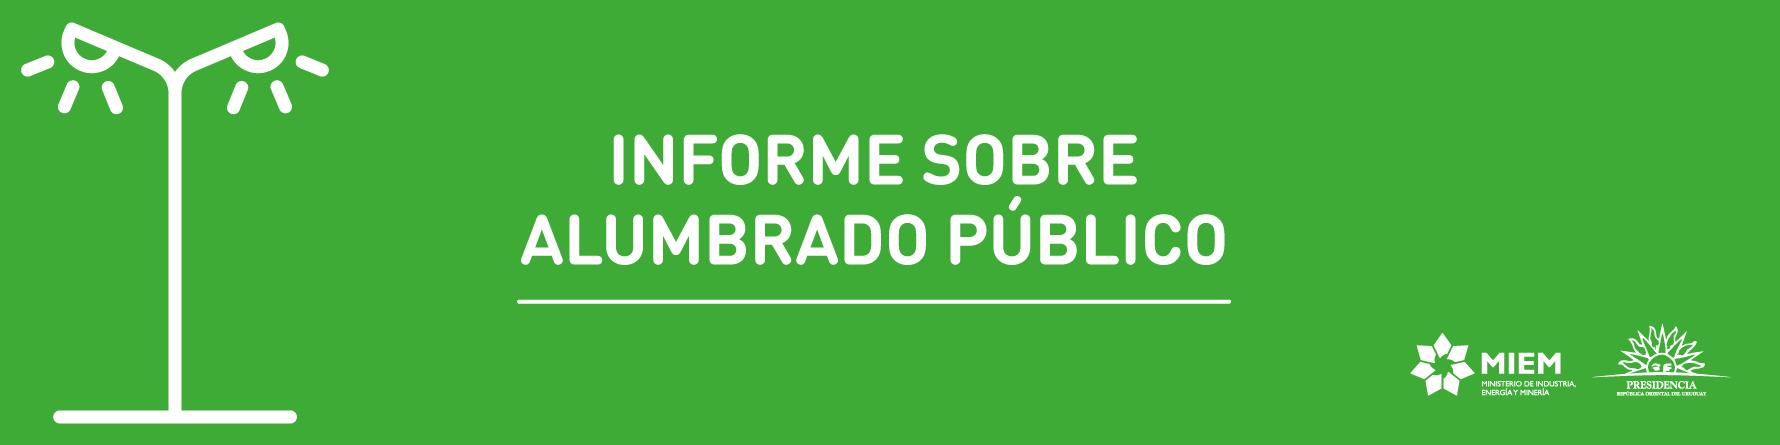 Informe alumbrado público 2018